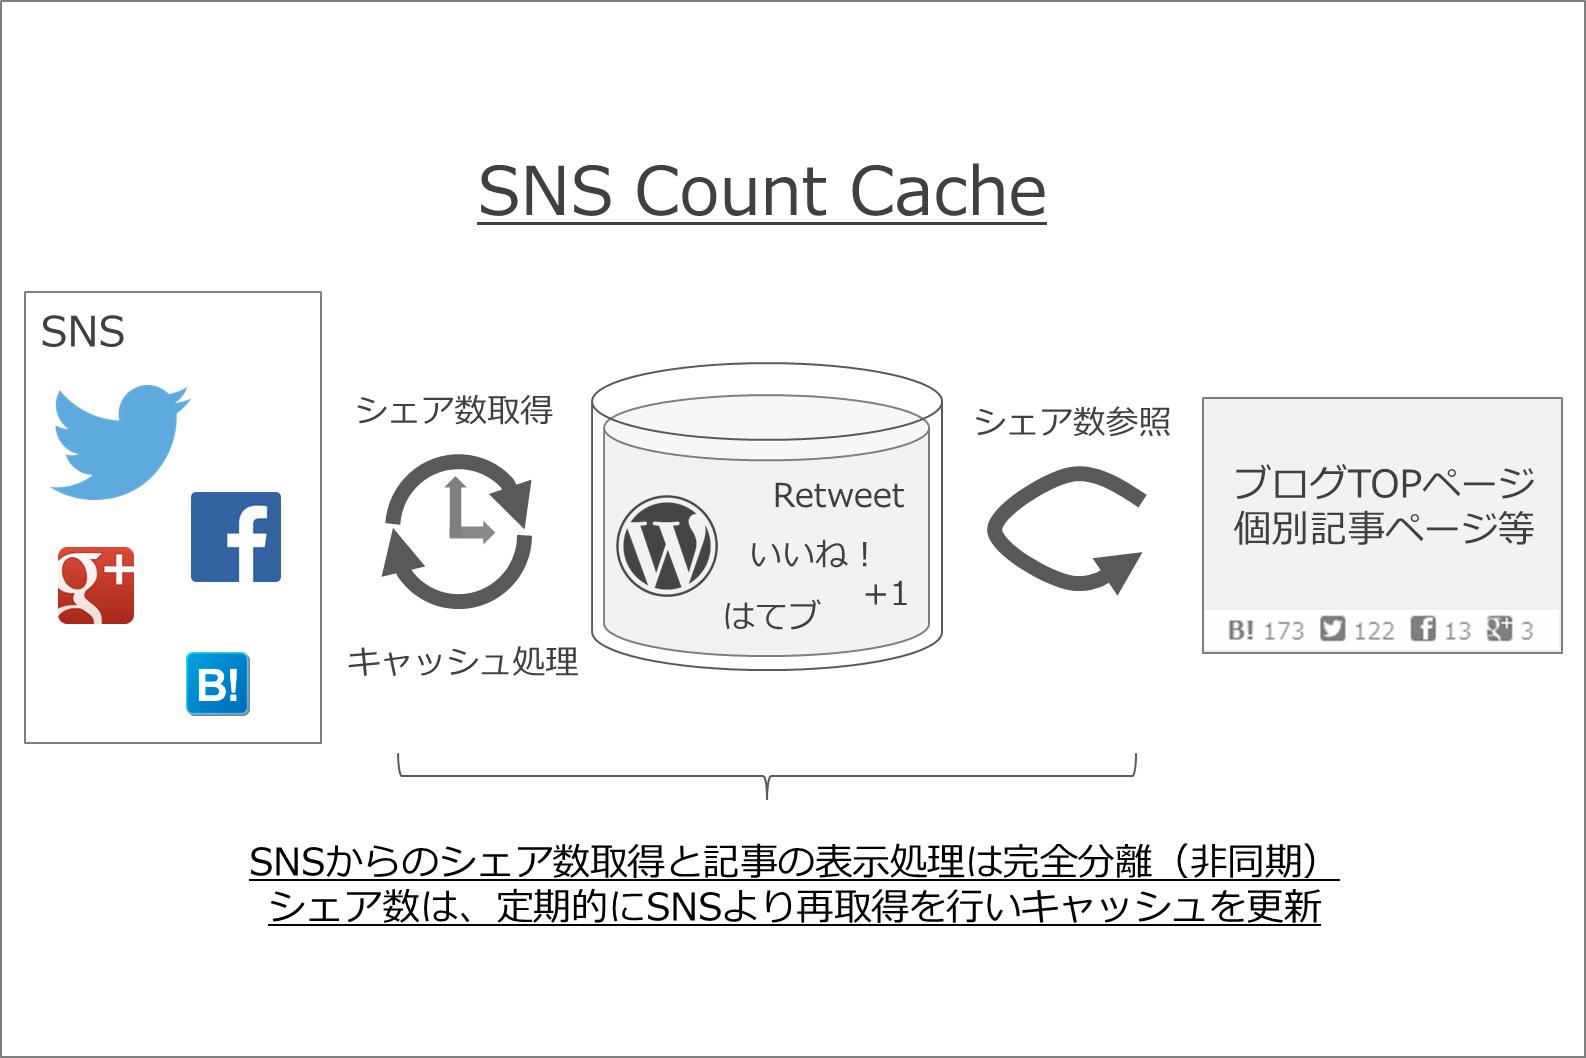 [試] WordPressプラグイン SNS Count Cache | シェア数キャッシュで表示速度改善